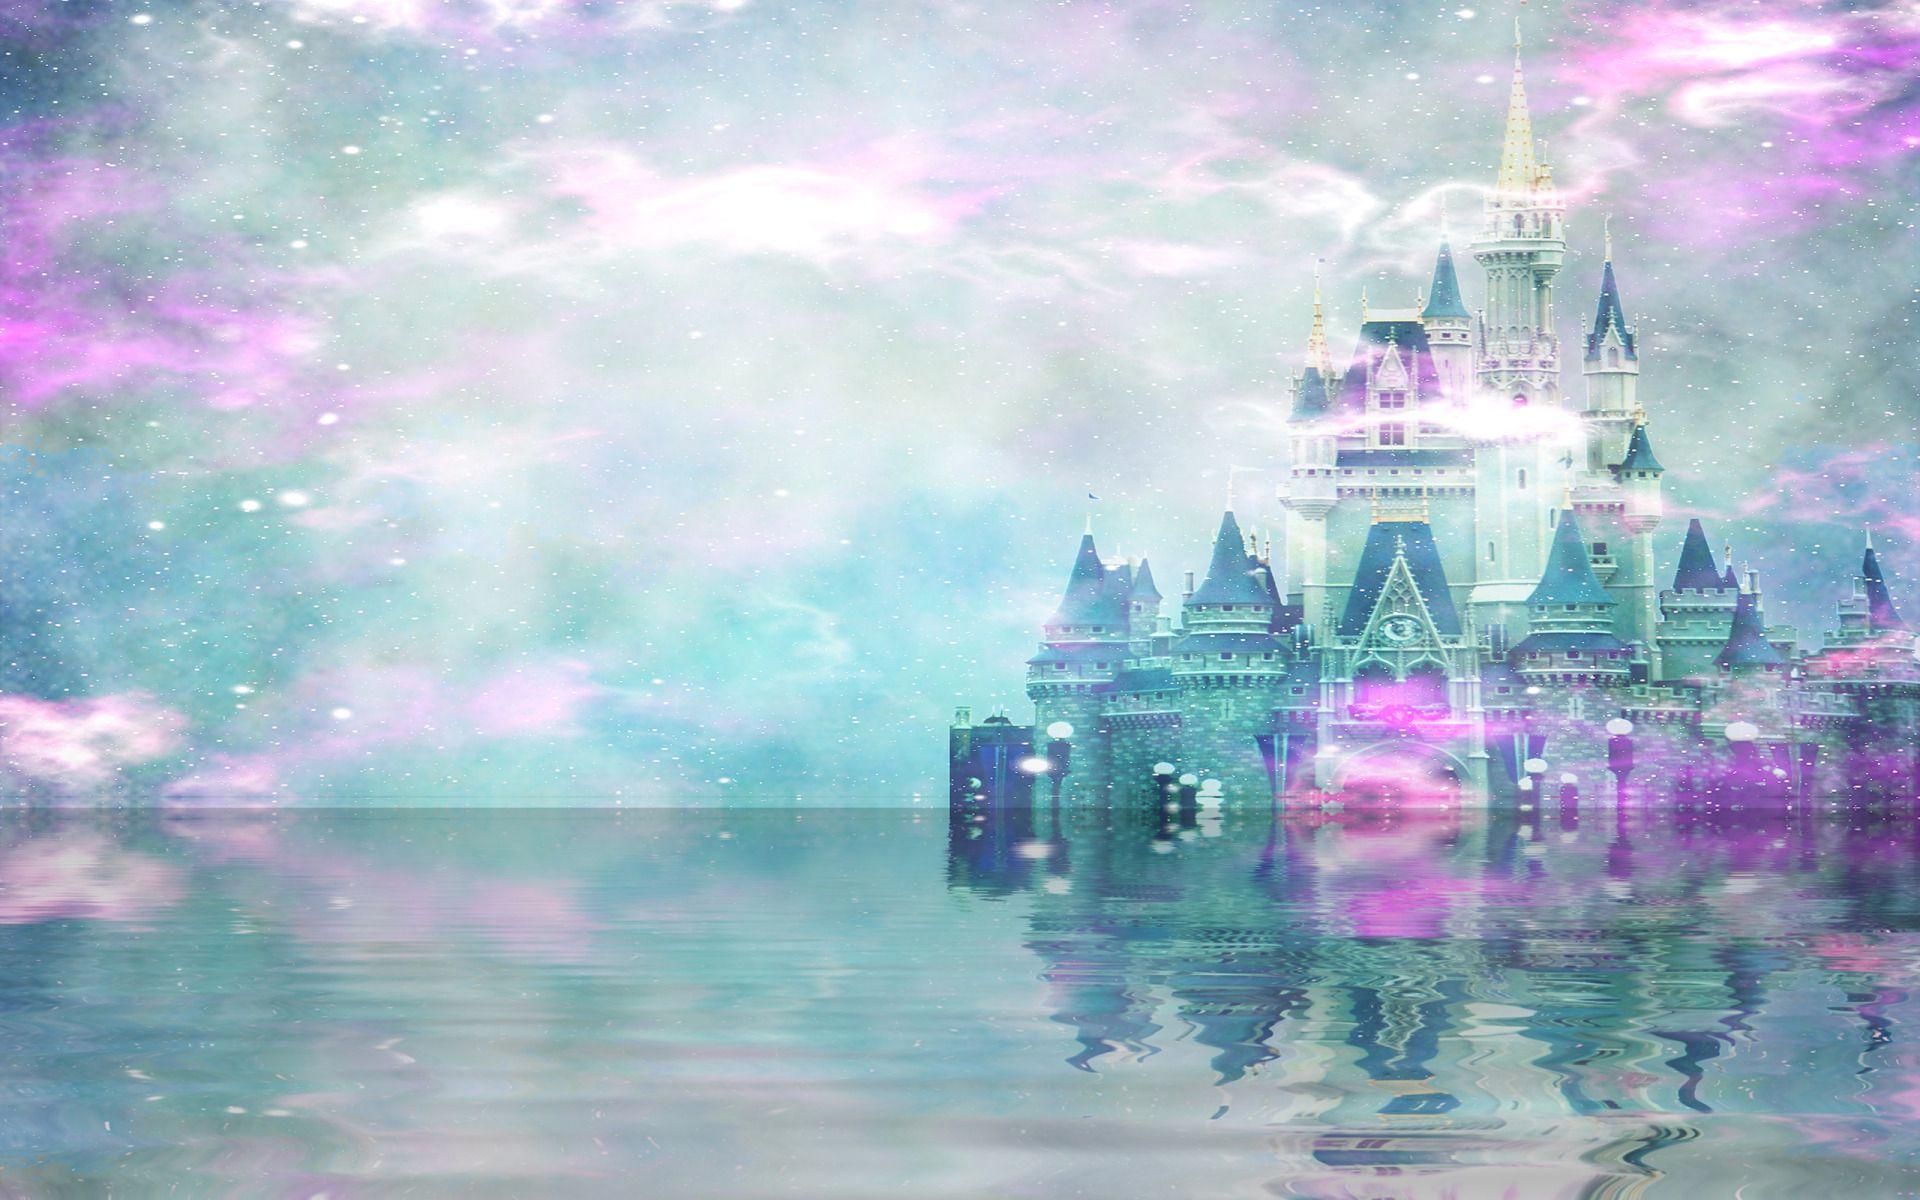 Princess Castle HD Wallpaper 1080p #d25 1920x1200 px 622.30 KB CartoonsPink. Backdrop. Disney ...